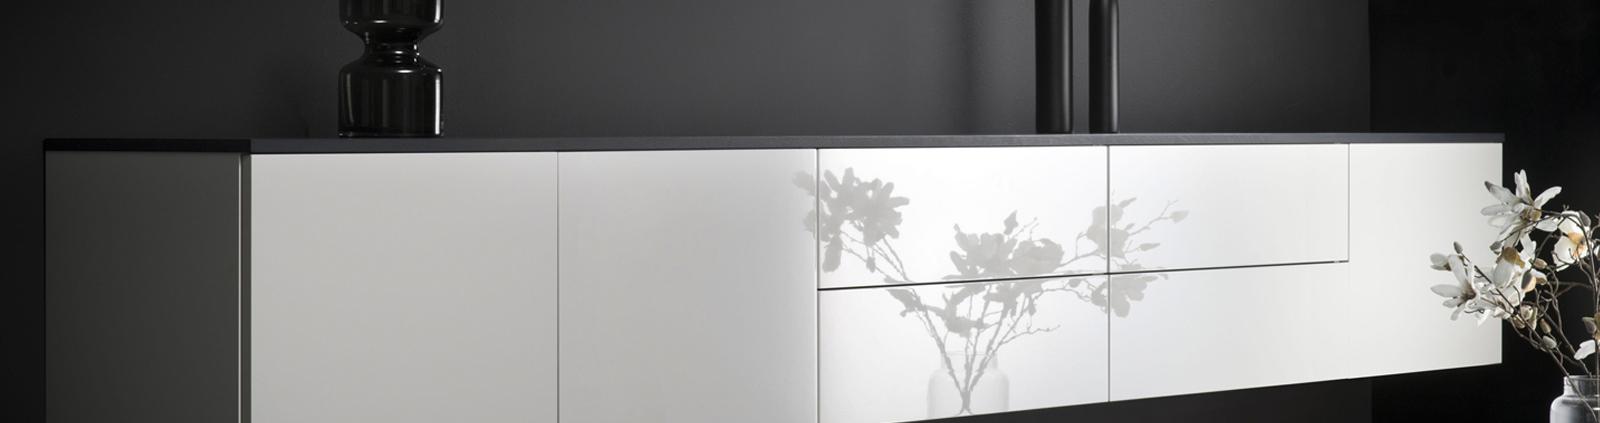 Hoogglans meubels Banner Image